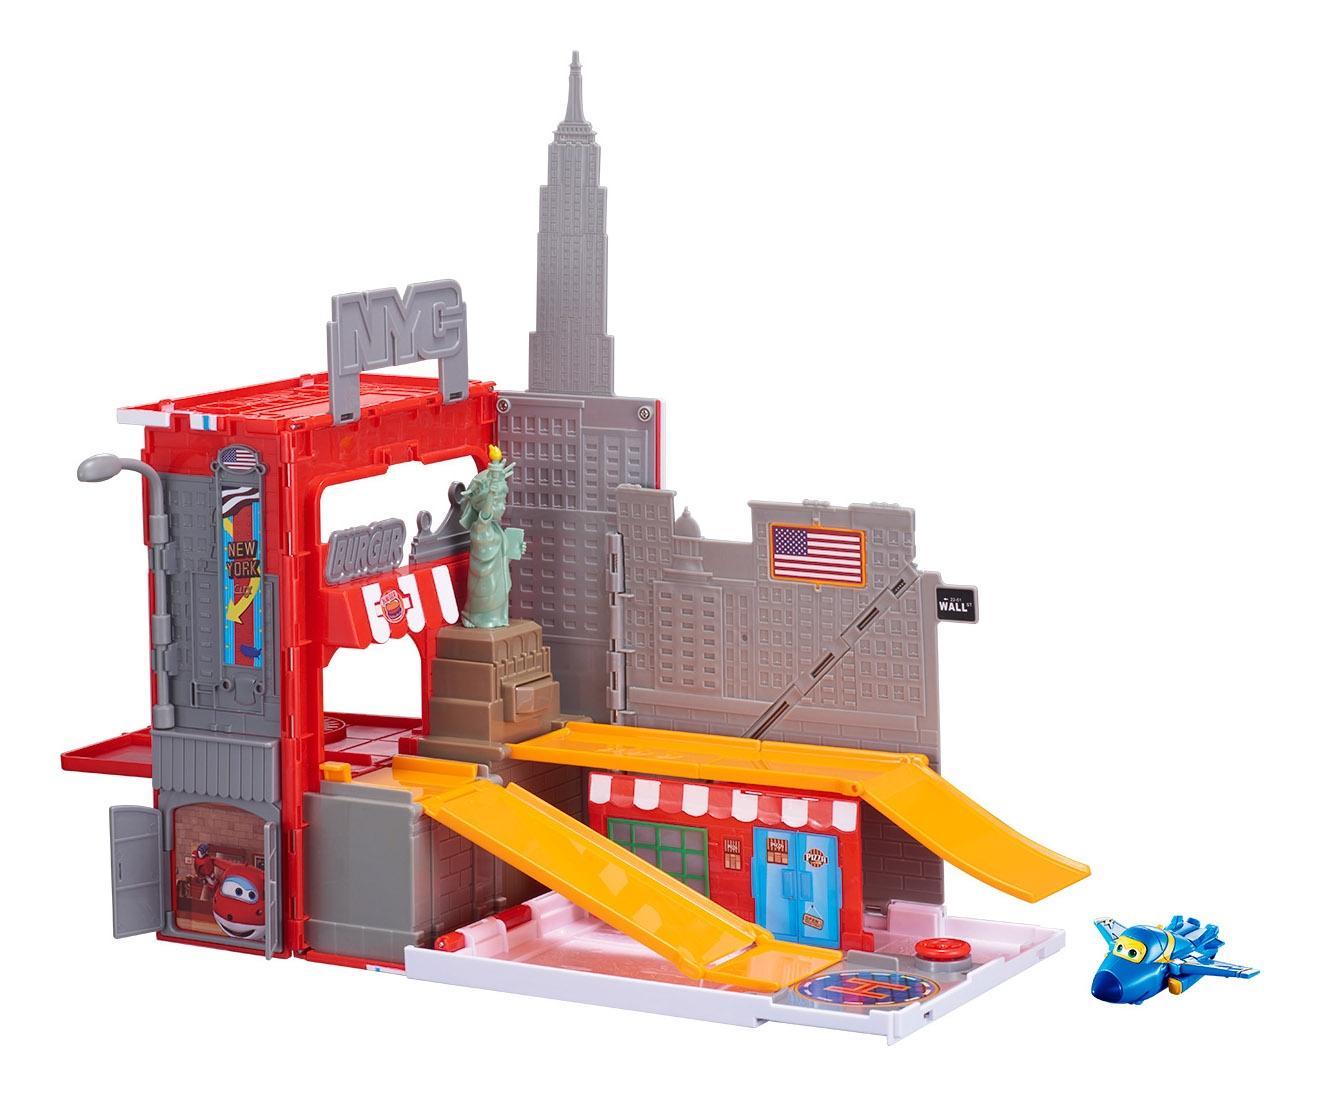 Купить Игровой набор джером в нью-йорке, Super Wings, Игровые наборы